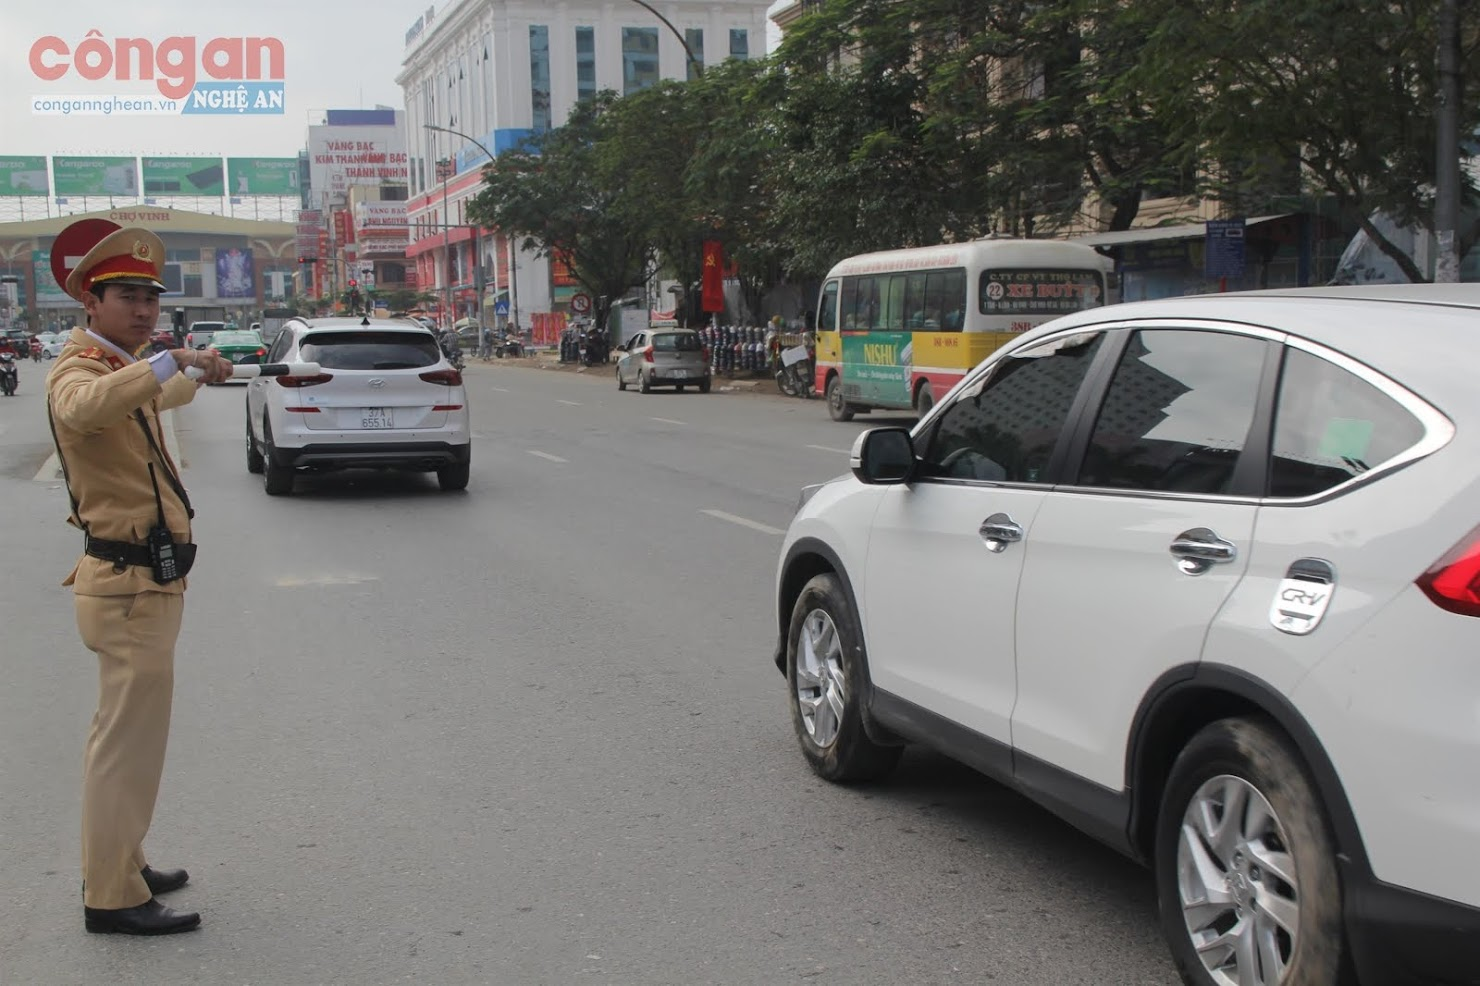 Cán bộ Đội CSGT-TT Công an TP Vinh phân luồng,  chỉ huy giao thông tại các ngã tư, giao lộ,  giúp cho người dân đi lại được thuận tiện